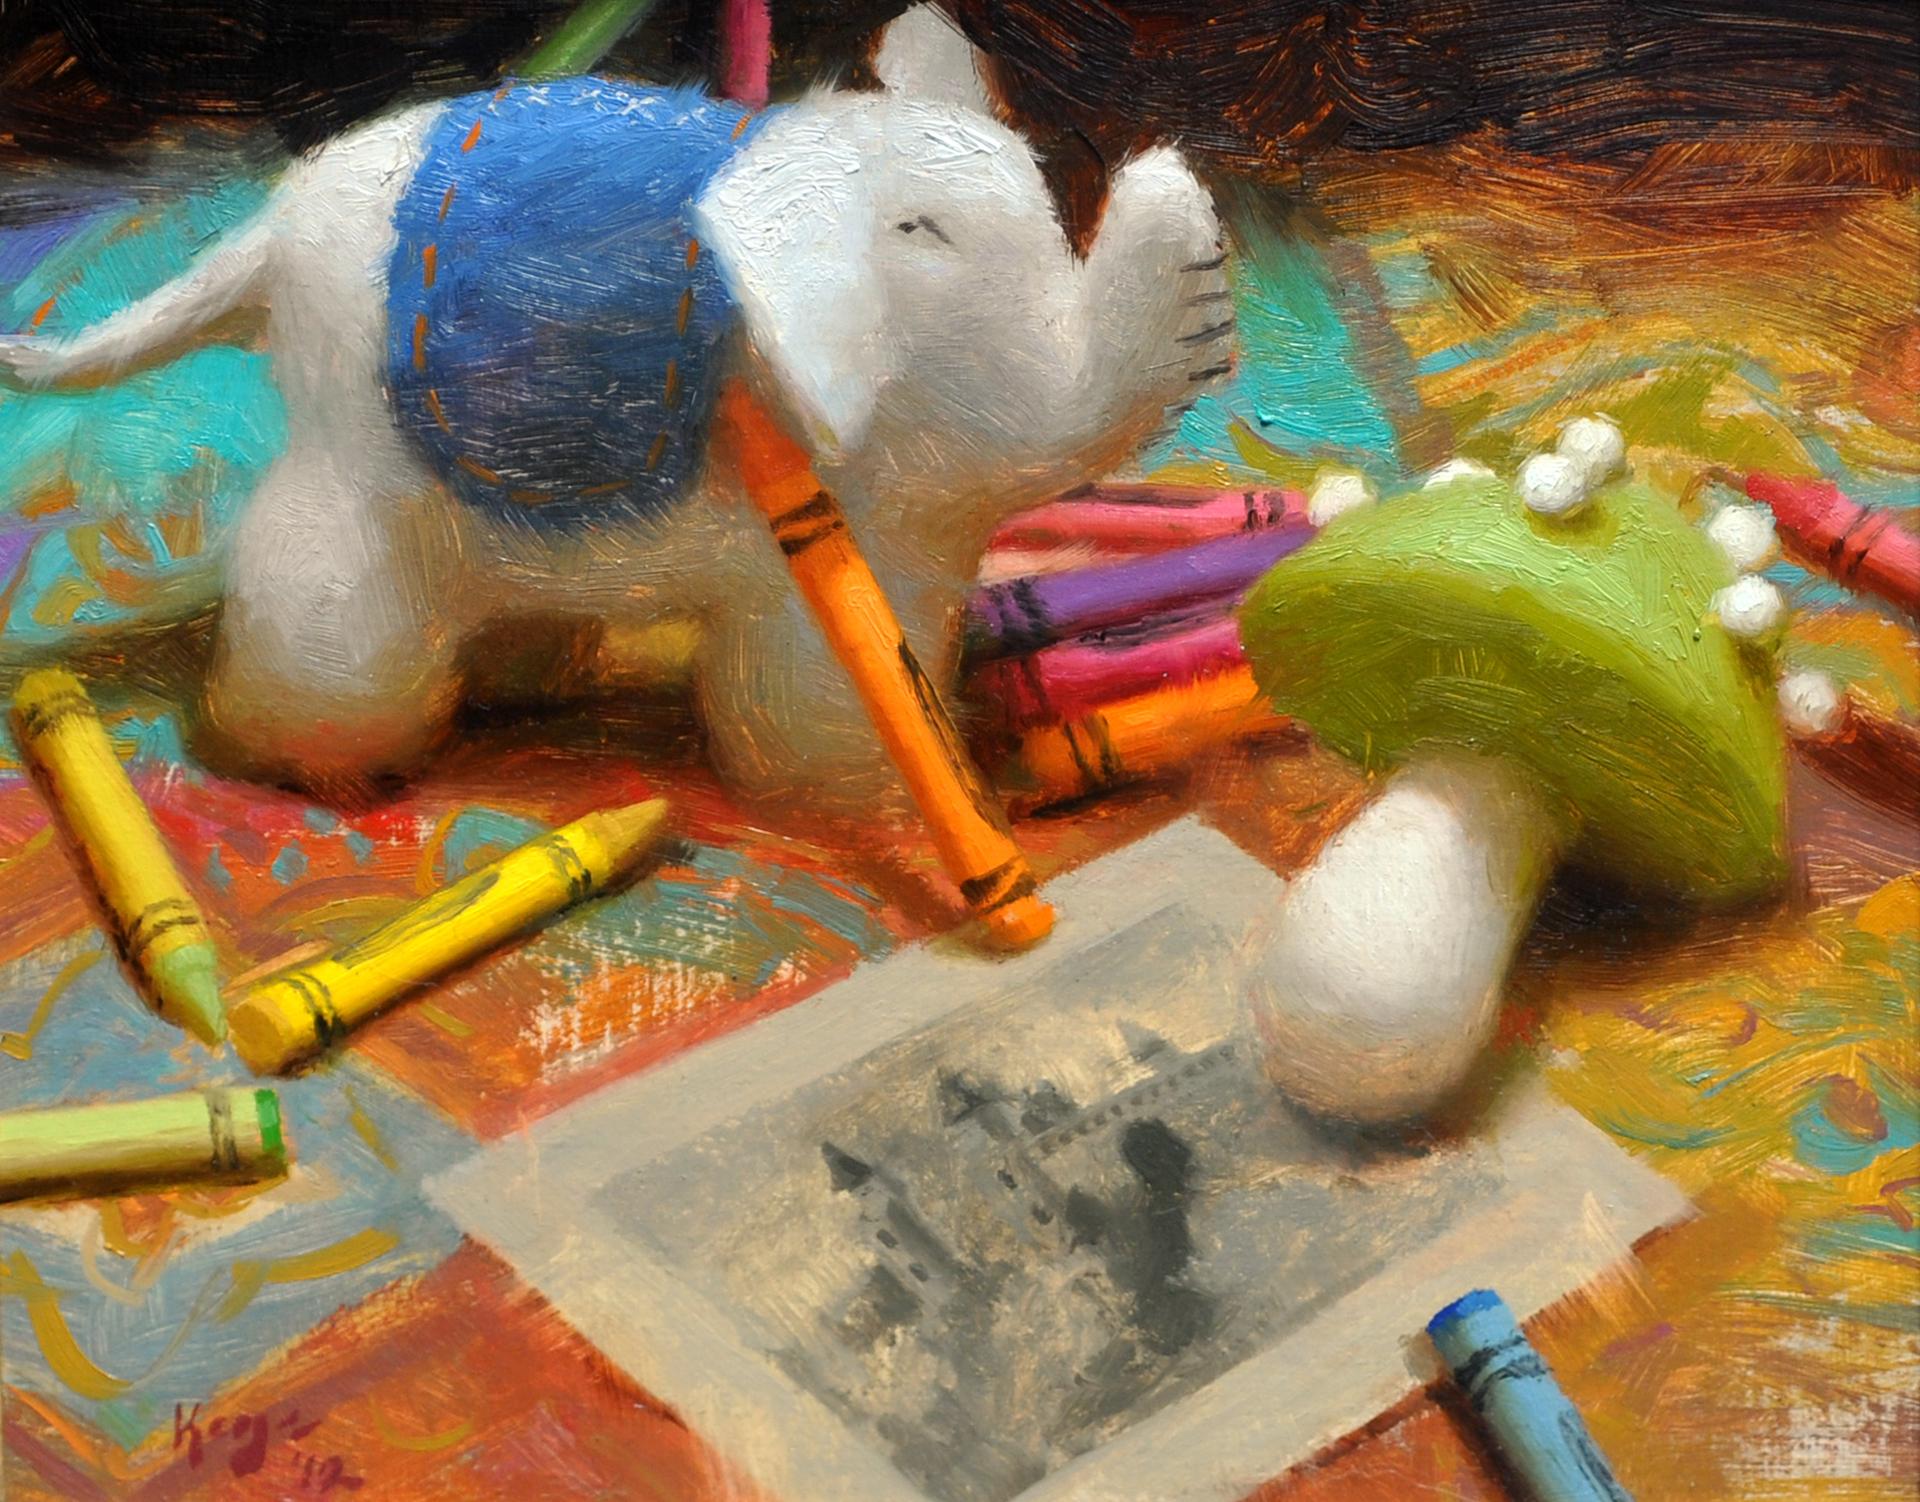 Felt and Crayons by Daniel Keys